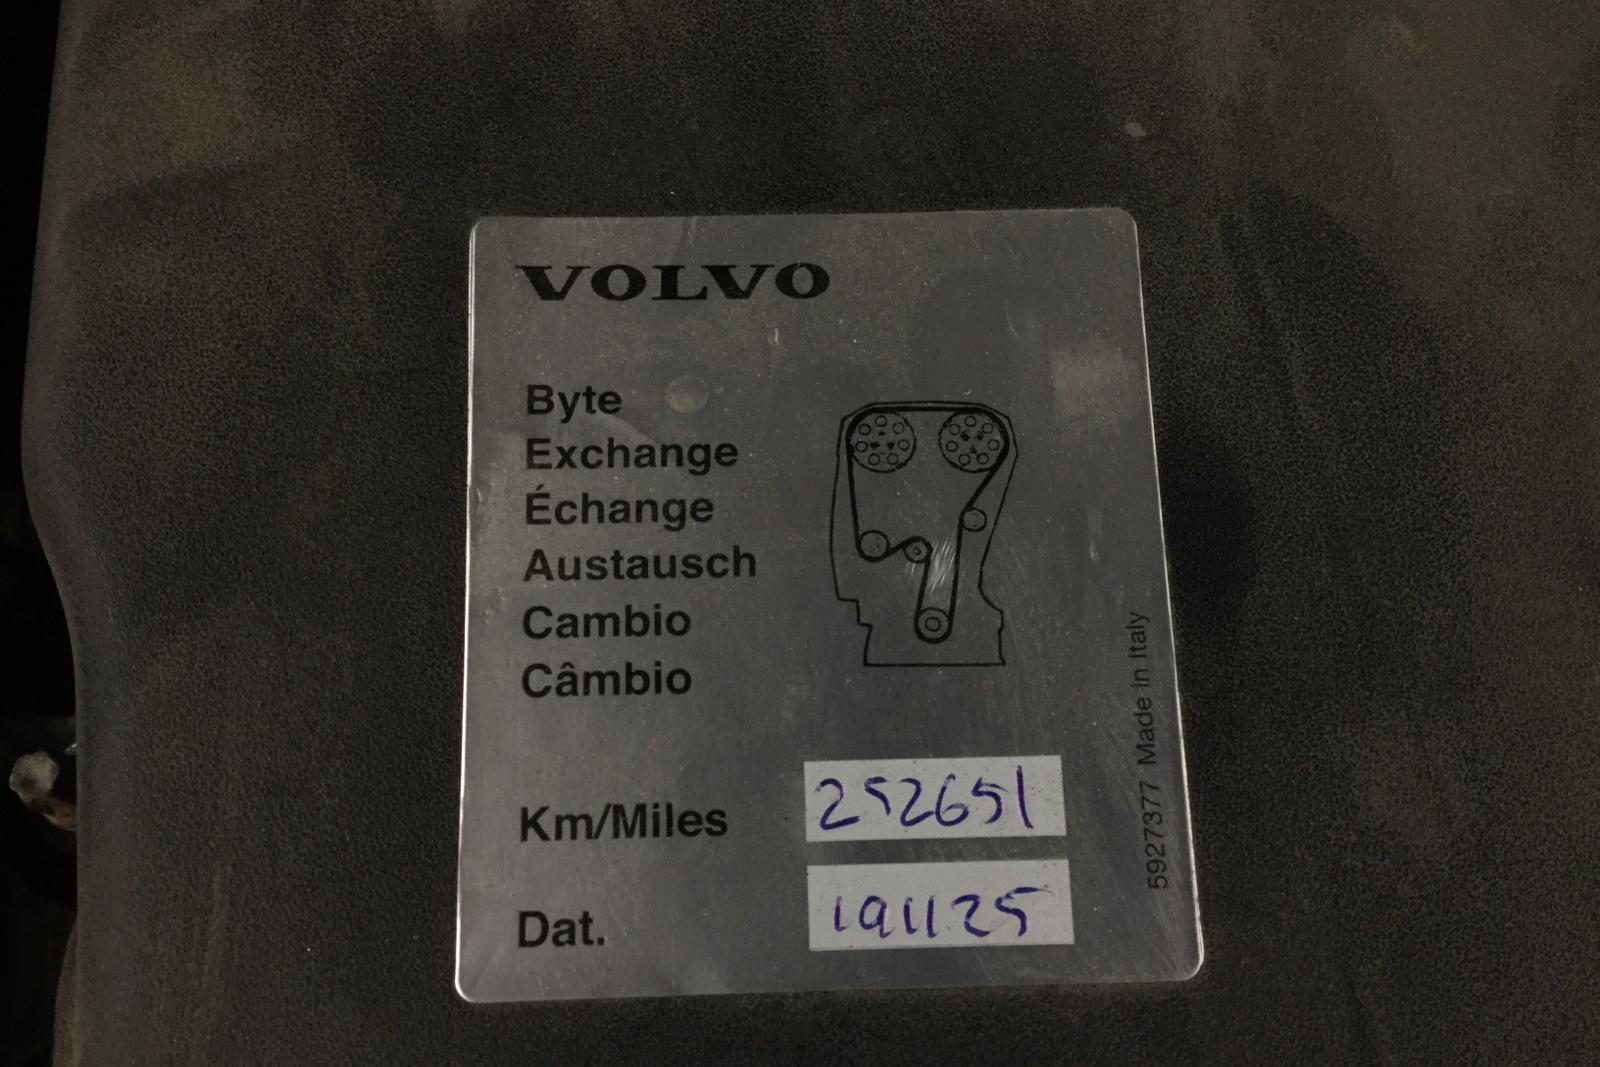 Volvo V70 II 1.6D DRIVe (115hk) - 273 573 km - Manual - white - 2012